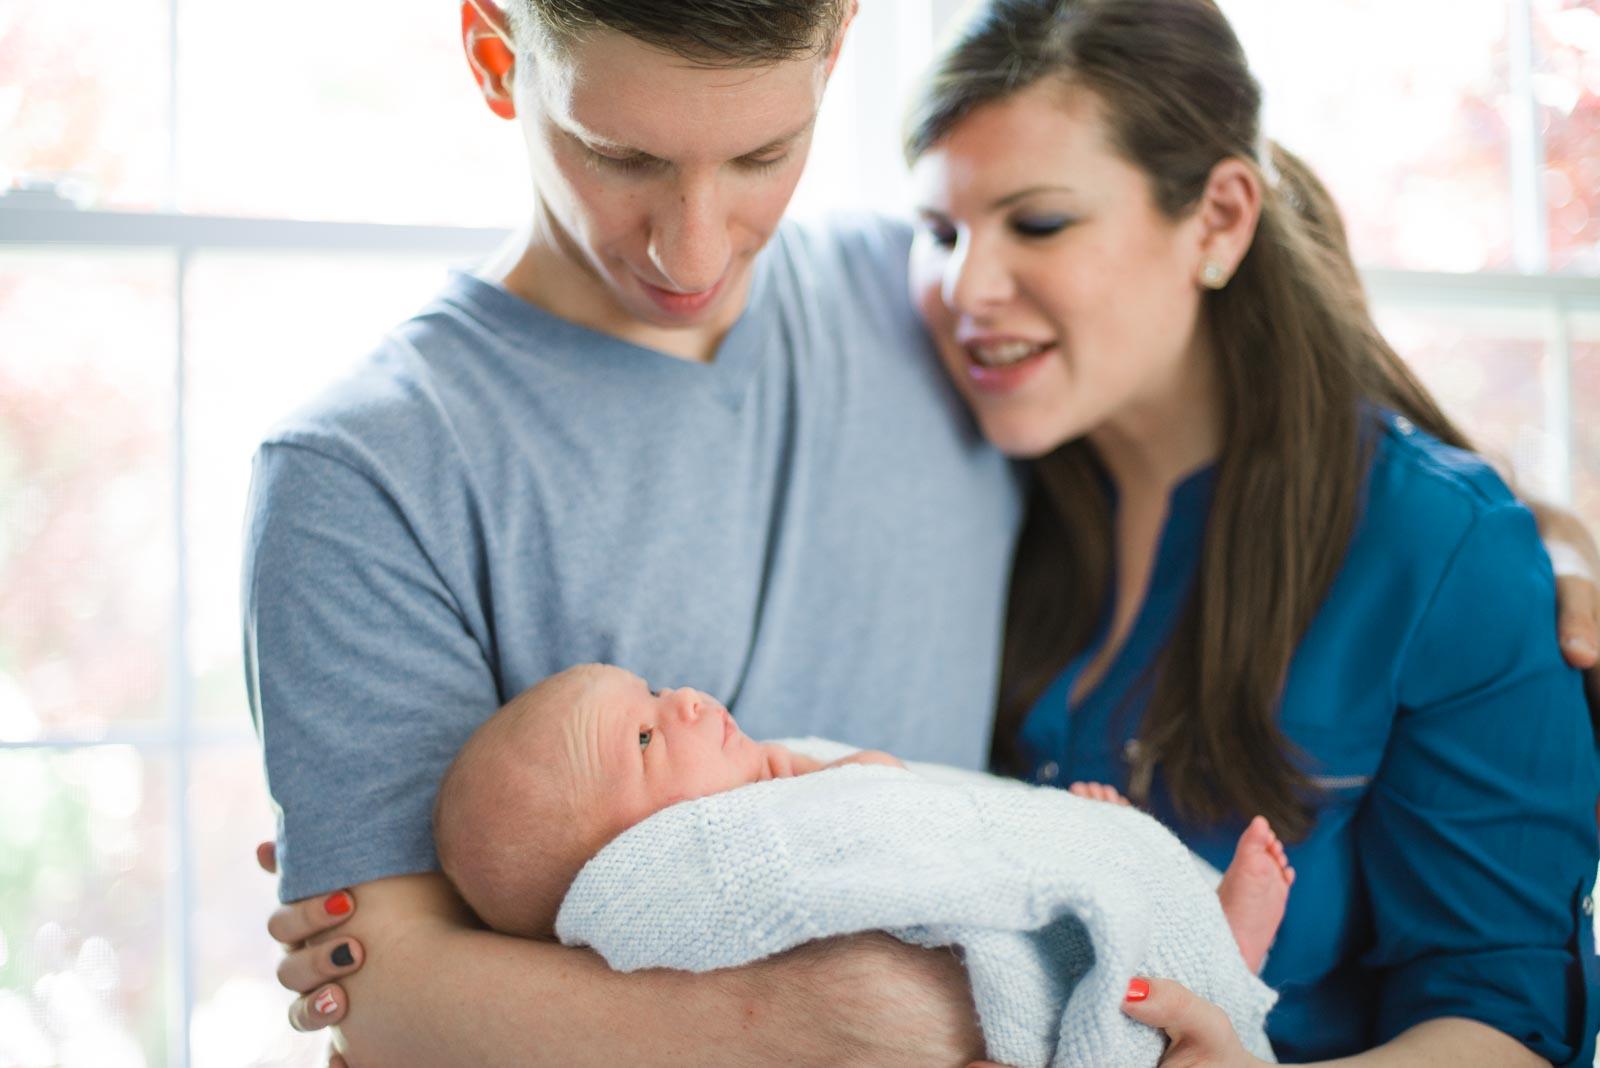 etkowicz_newborn-6039.jpg